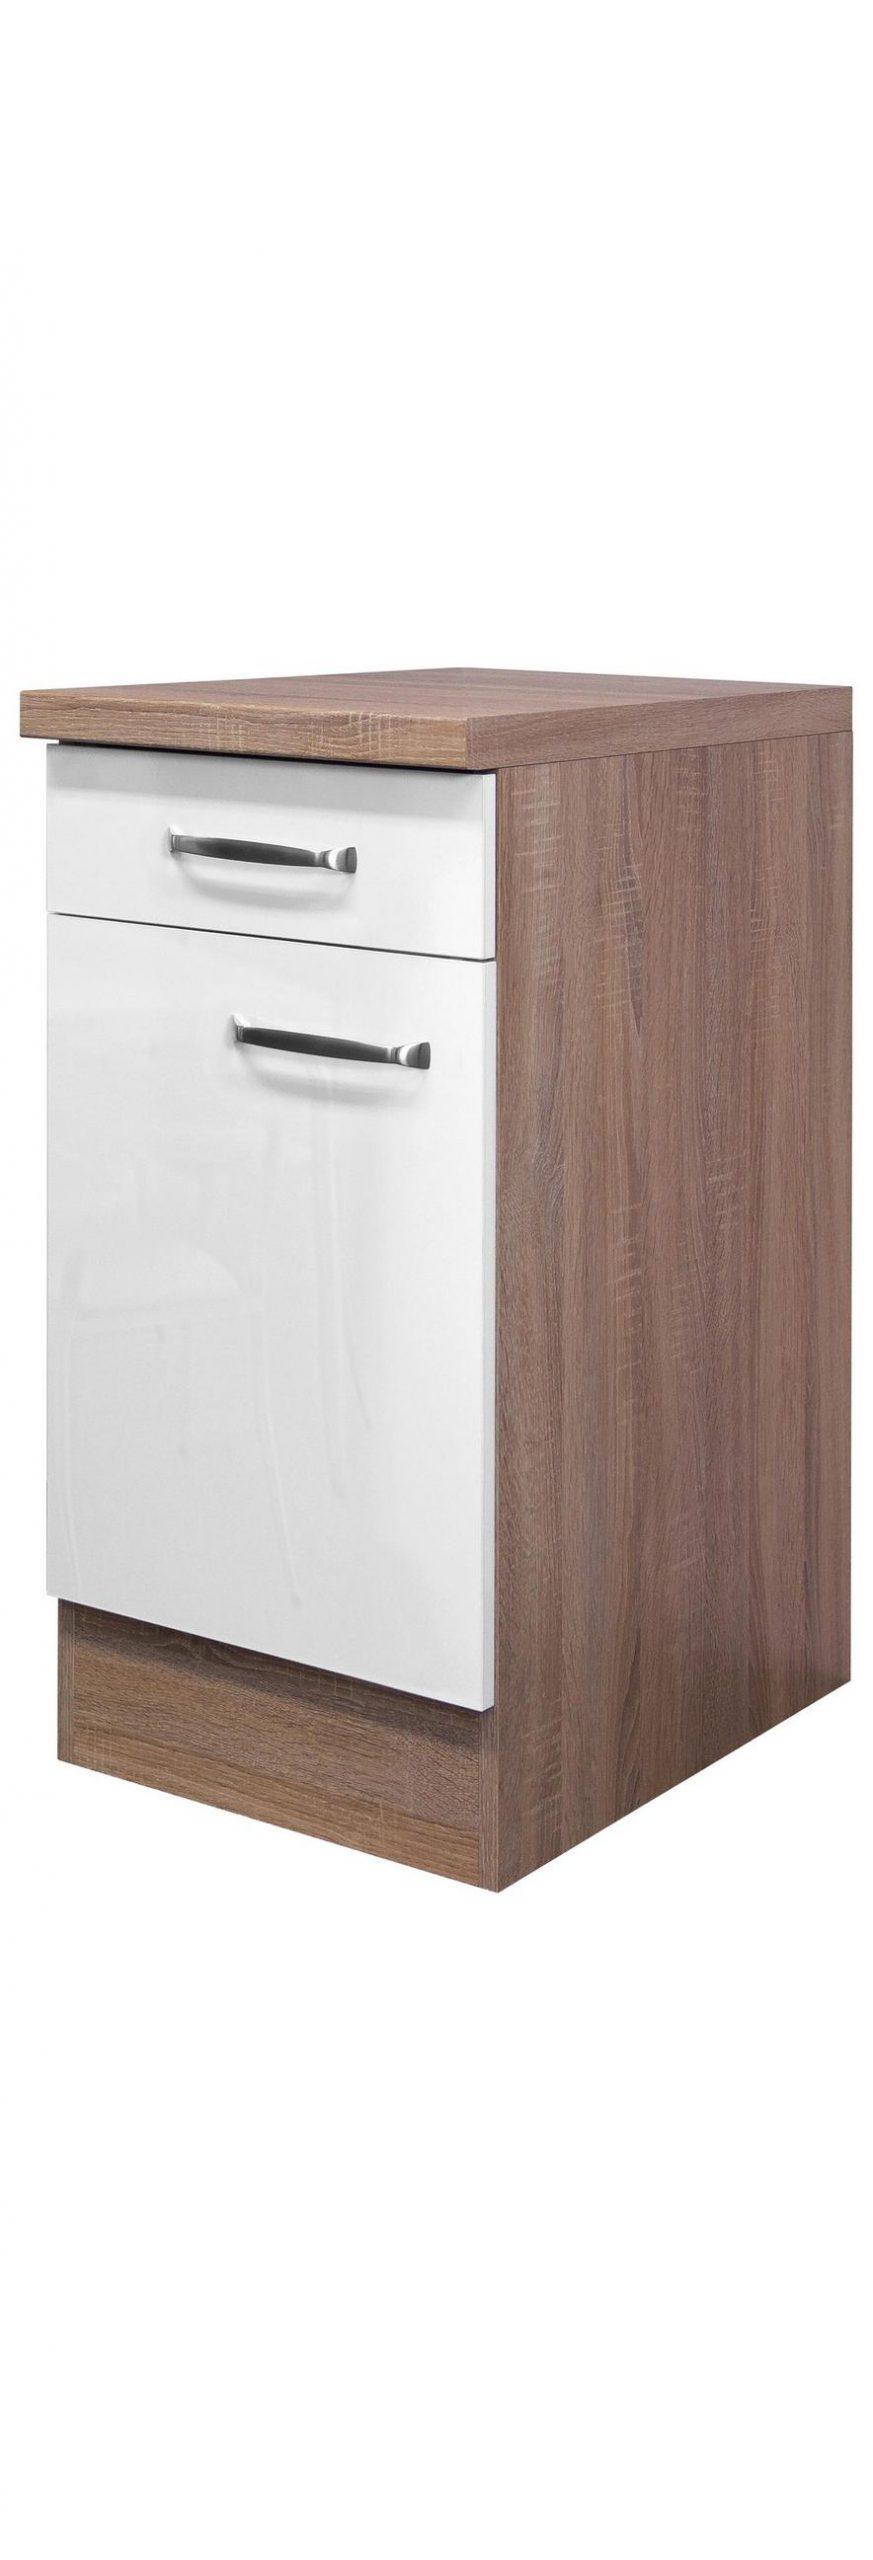 Full Size of Küchenunterschrank Kchenunterschrank Wei Hochglanz Eiche Online Kaufen Mmax Wohnzimmer Küchenunterschrank